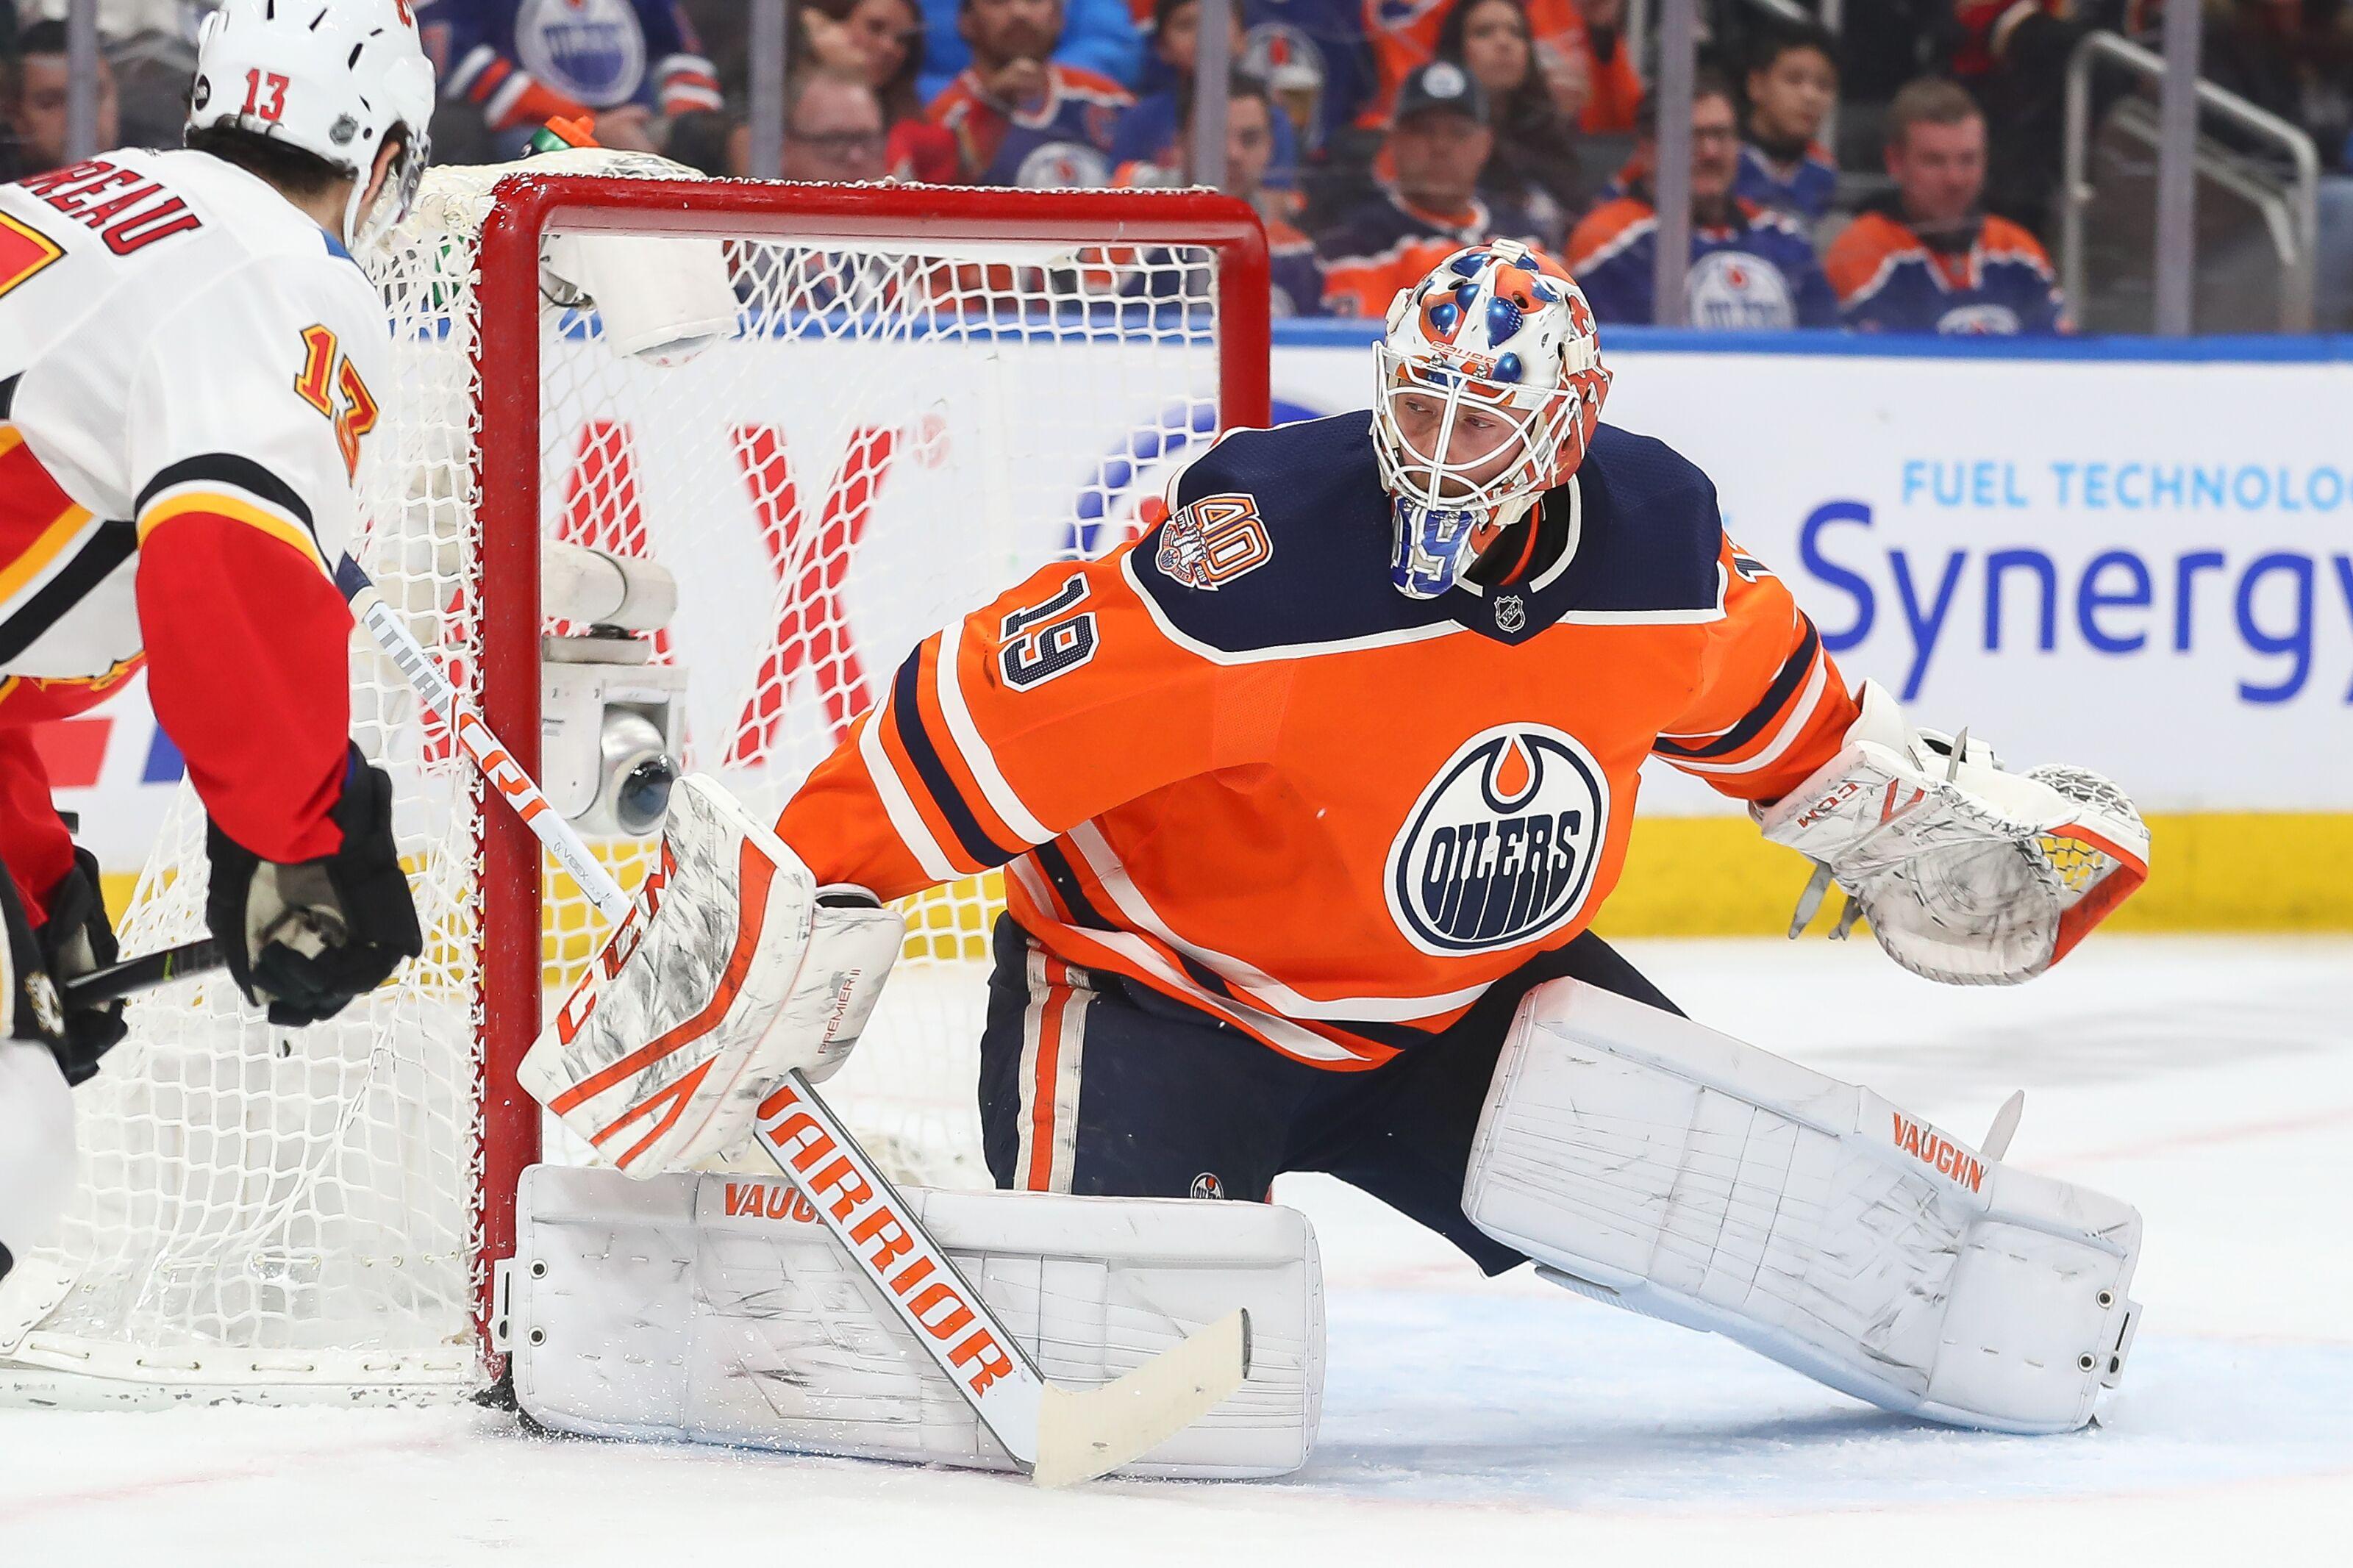 Edmonton Oilers reportedly sign Mikko Koskinen to three-year extension